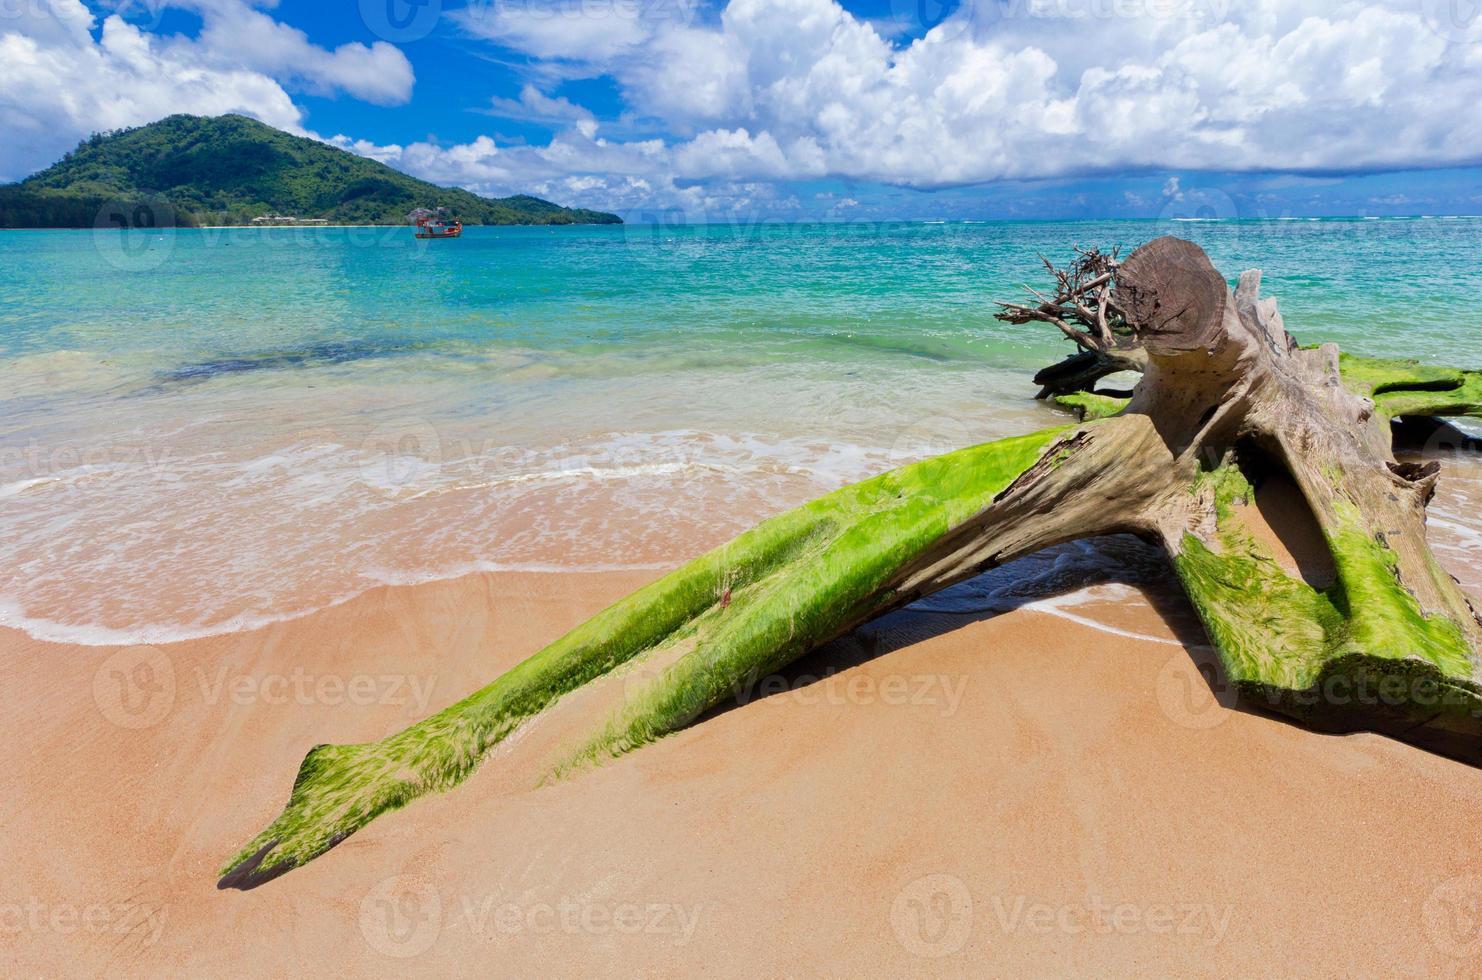 spiaggia tropicale perfetta vicino a phuket, Tailandia, Asia. foto